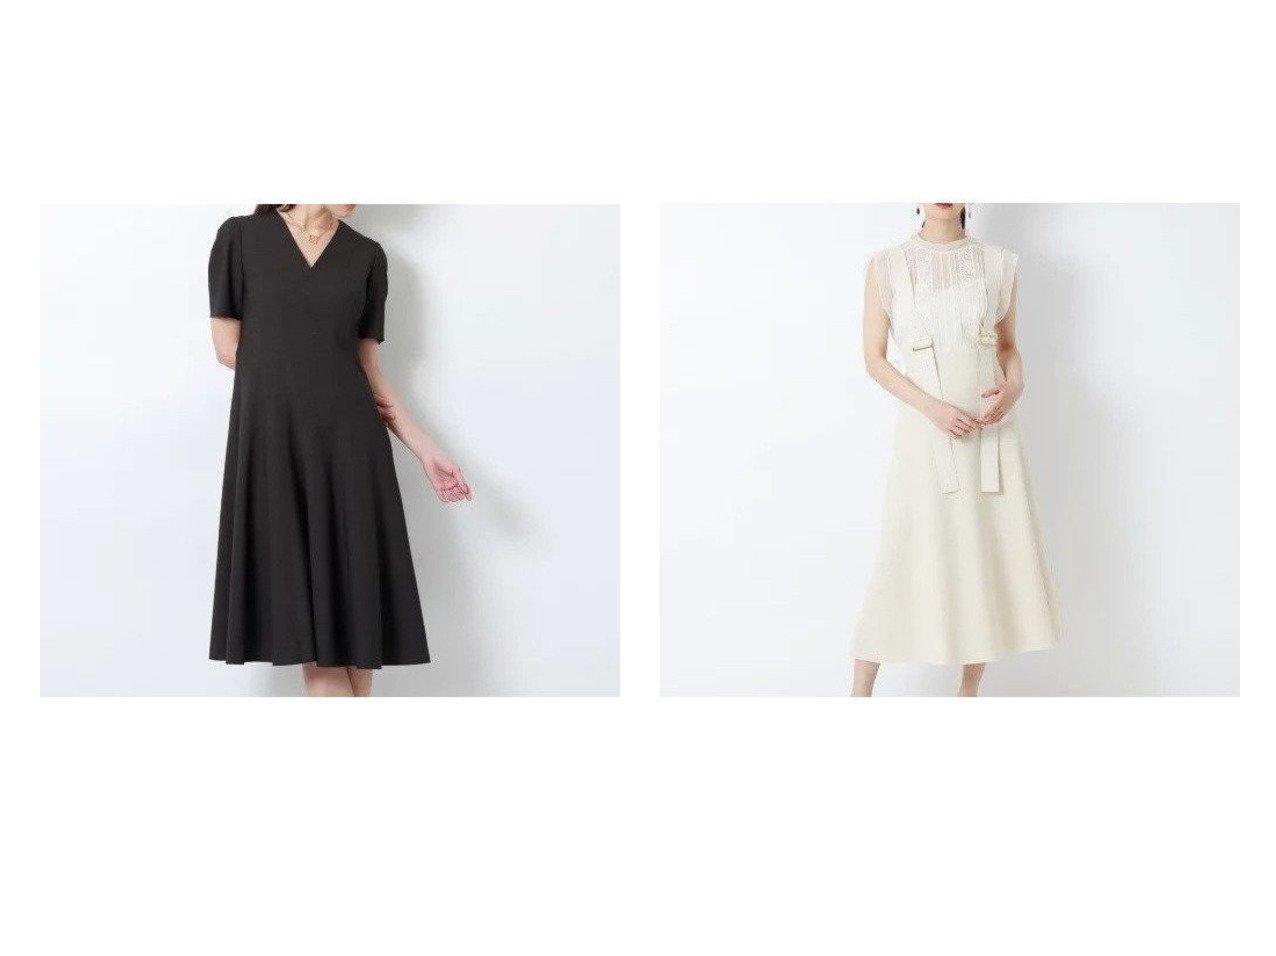 【EPOCA/エポカ】のオックスストレッチ ドレス&ルシエ ジャンパースカート おすすめ!人気トレンド・レディースファッション通販 おすすめで人気の流行・トレンド、ファッションの通販商品 インテリア・家具・メンズファッション・キッズファッション・レディースファッション・服の通販 founy(ファニー) https://founy.com/ ファッション Fashion レディースファッション WOMEN スカート Skirt ワンピース Dress ドレス Party Dresses ドレス パターン フォーマル ミラノリブ おすすめ Recommend ウォッシャブル ジャケット フレア 吸水 |ID:crp329100000046816